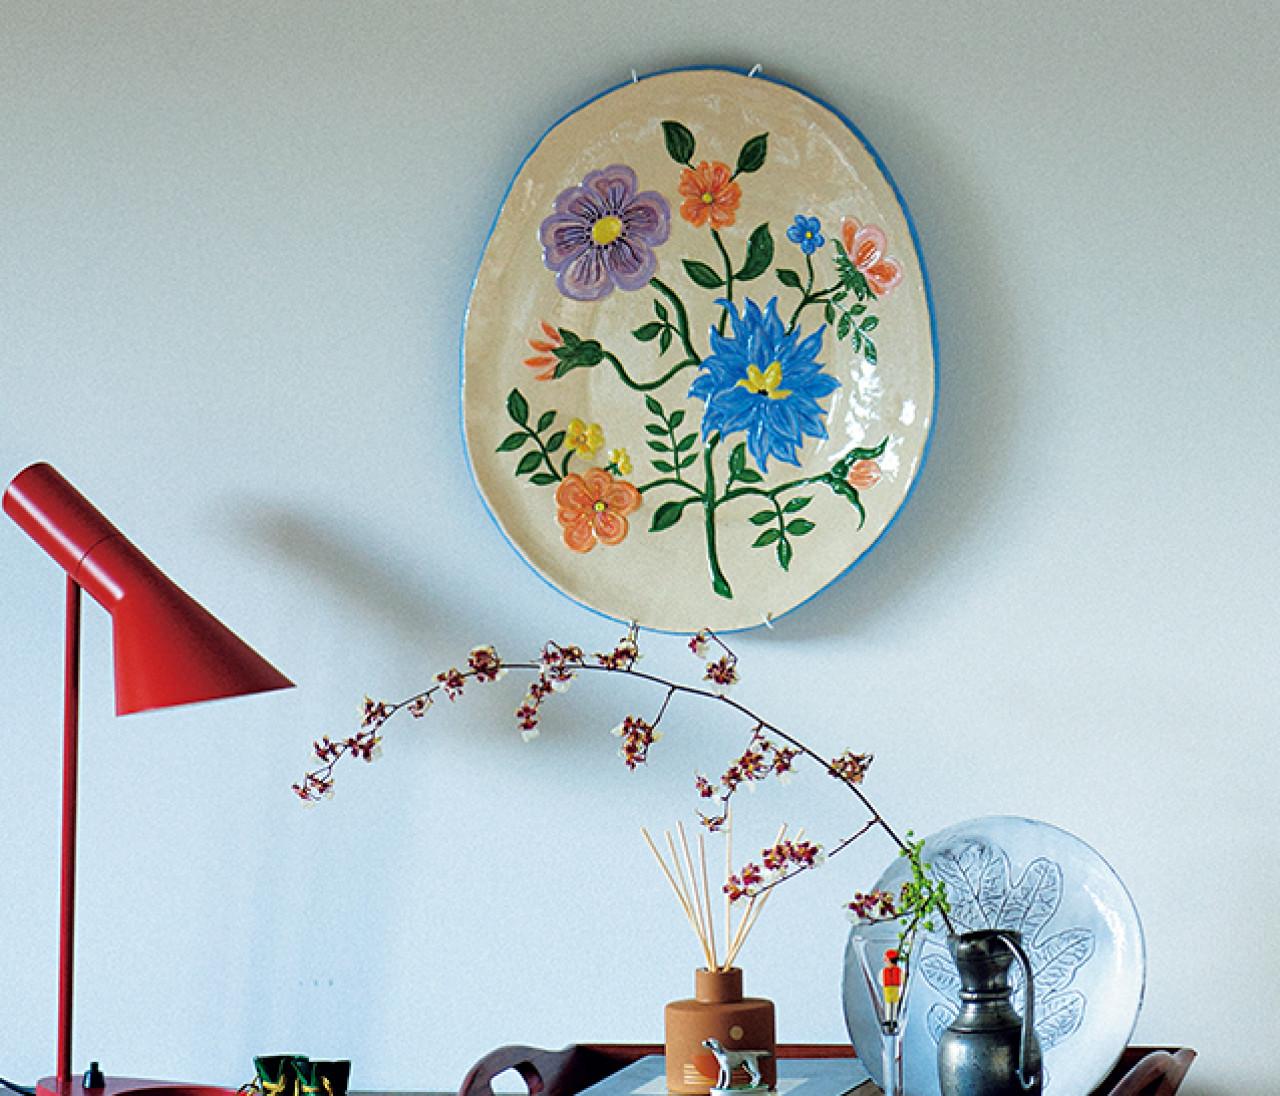 【インテリア雑貨の飾り方1】プレートやミラーを壁にかけておしゃれ空間を演出